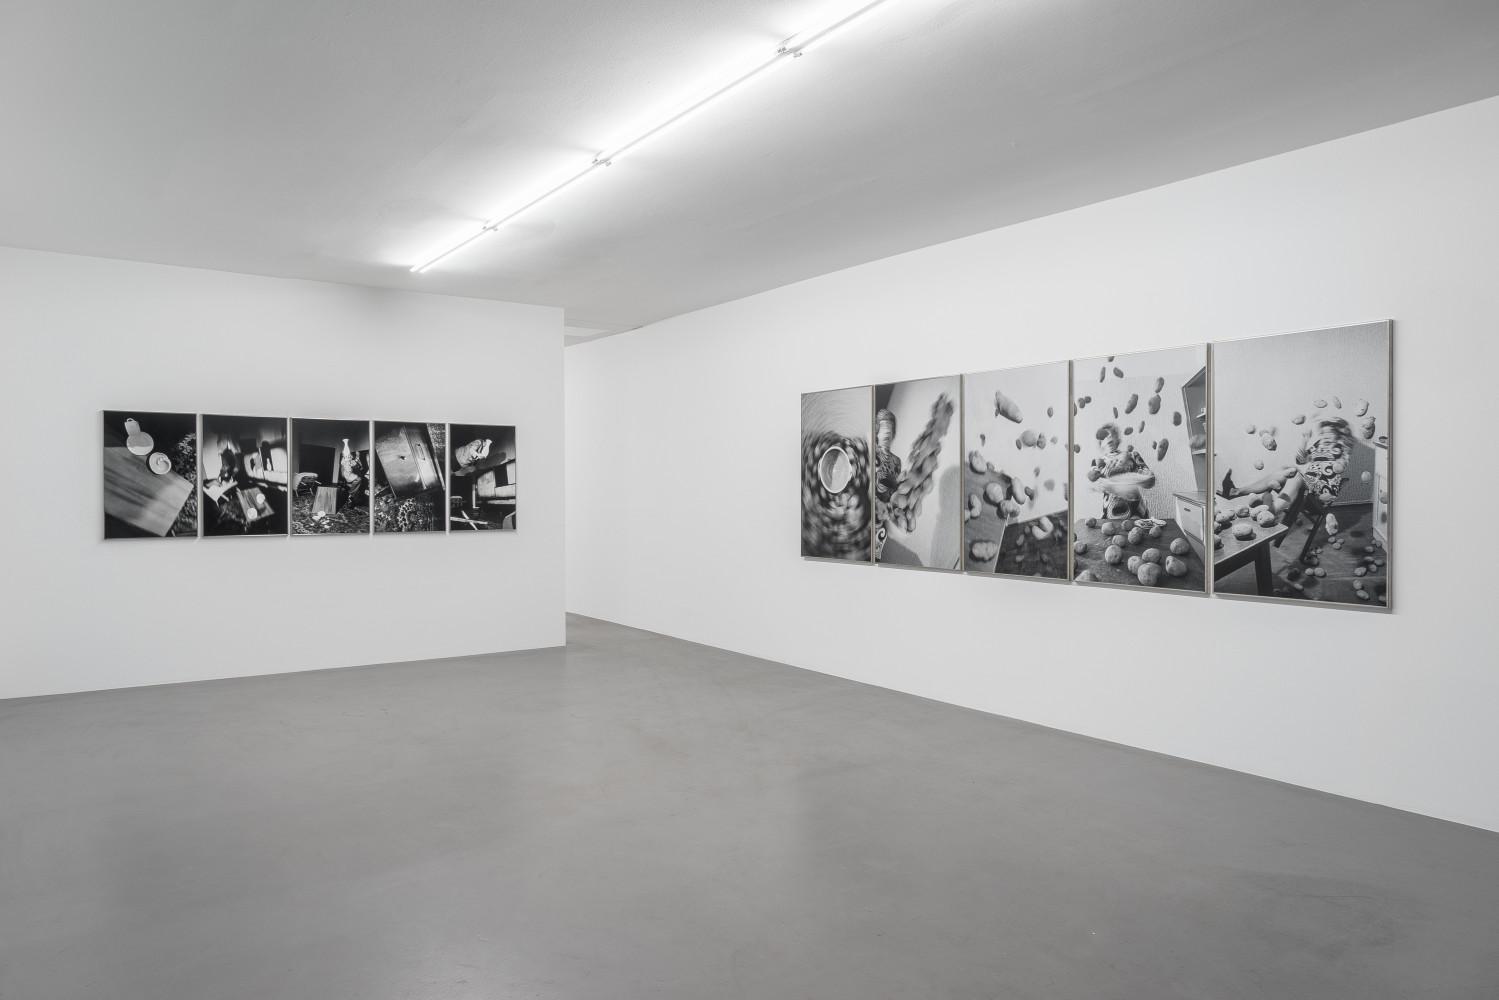 Anna & Bernhard Blume, 'Spiritistische Sequenzen ', Installation view, Buchmann Box, 2016